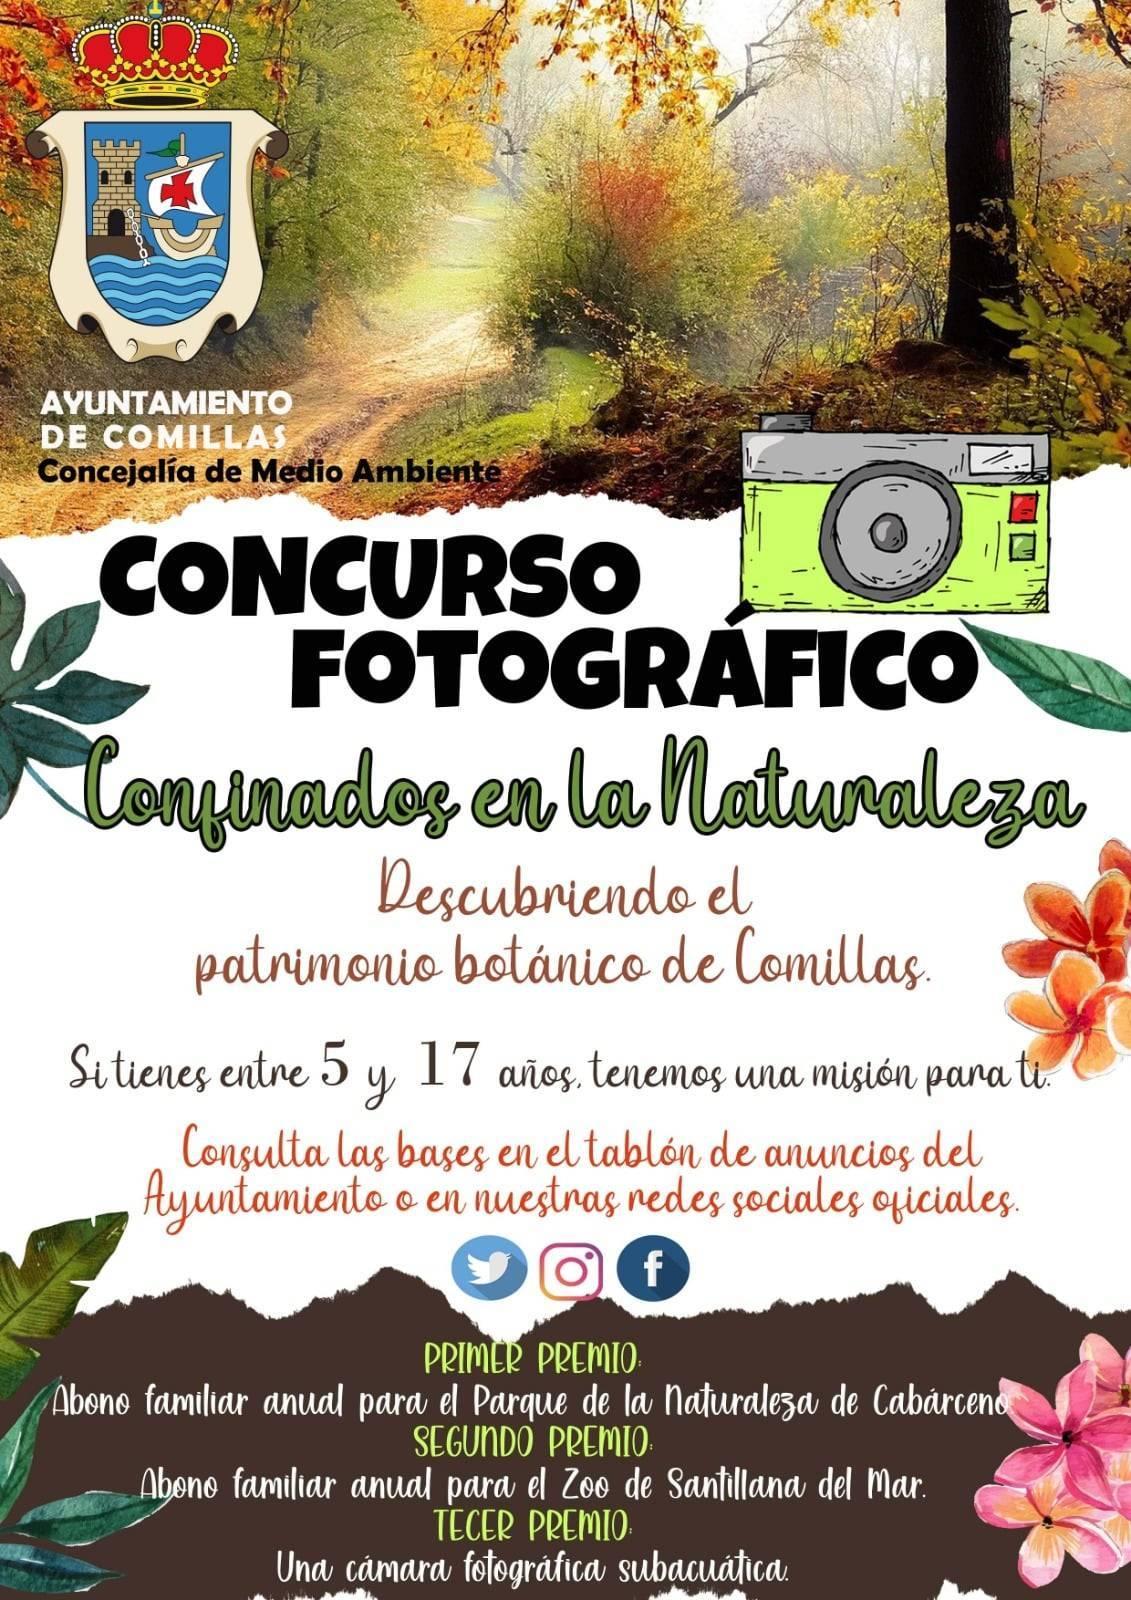 Concurso fotográfico (noviembre 2020) - Comillas (Cantabria)